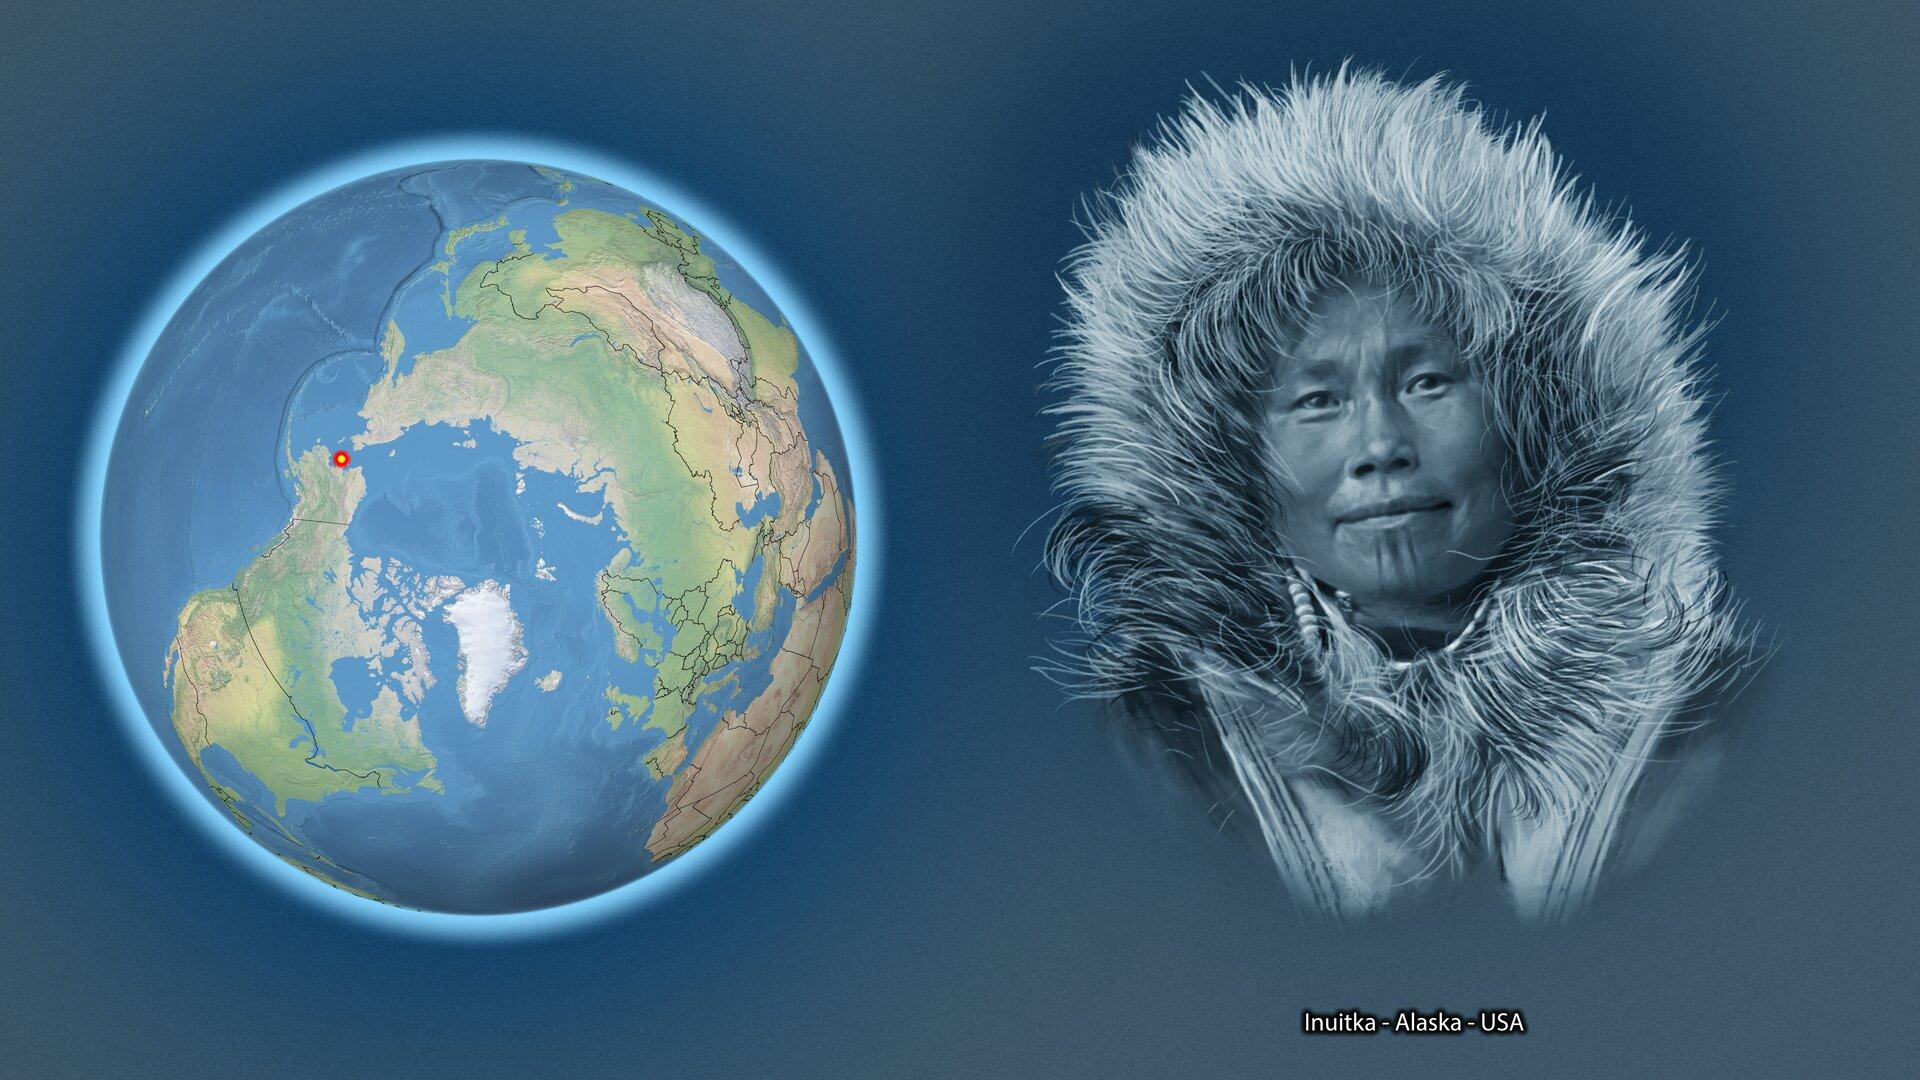 Na ilustracji kula ziemska zzaznaczonym czerwonym punktem – Alaska – USA. Obok twarz kobiety wfutrzanej czapce. Podpis – Inuitka – Alaska – USA